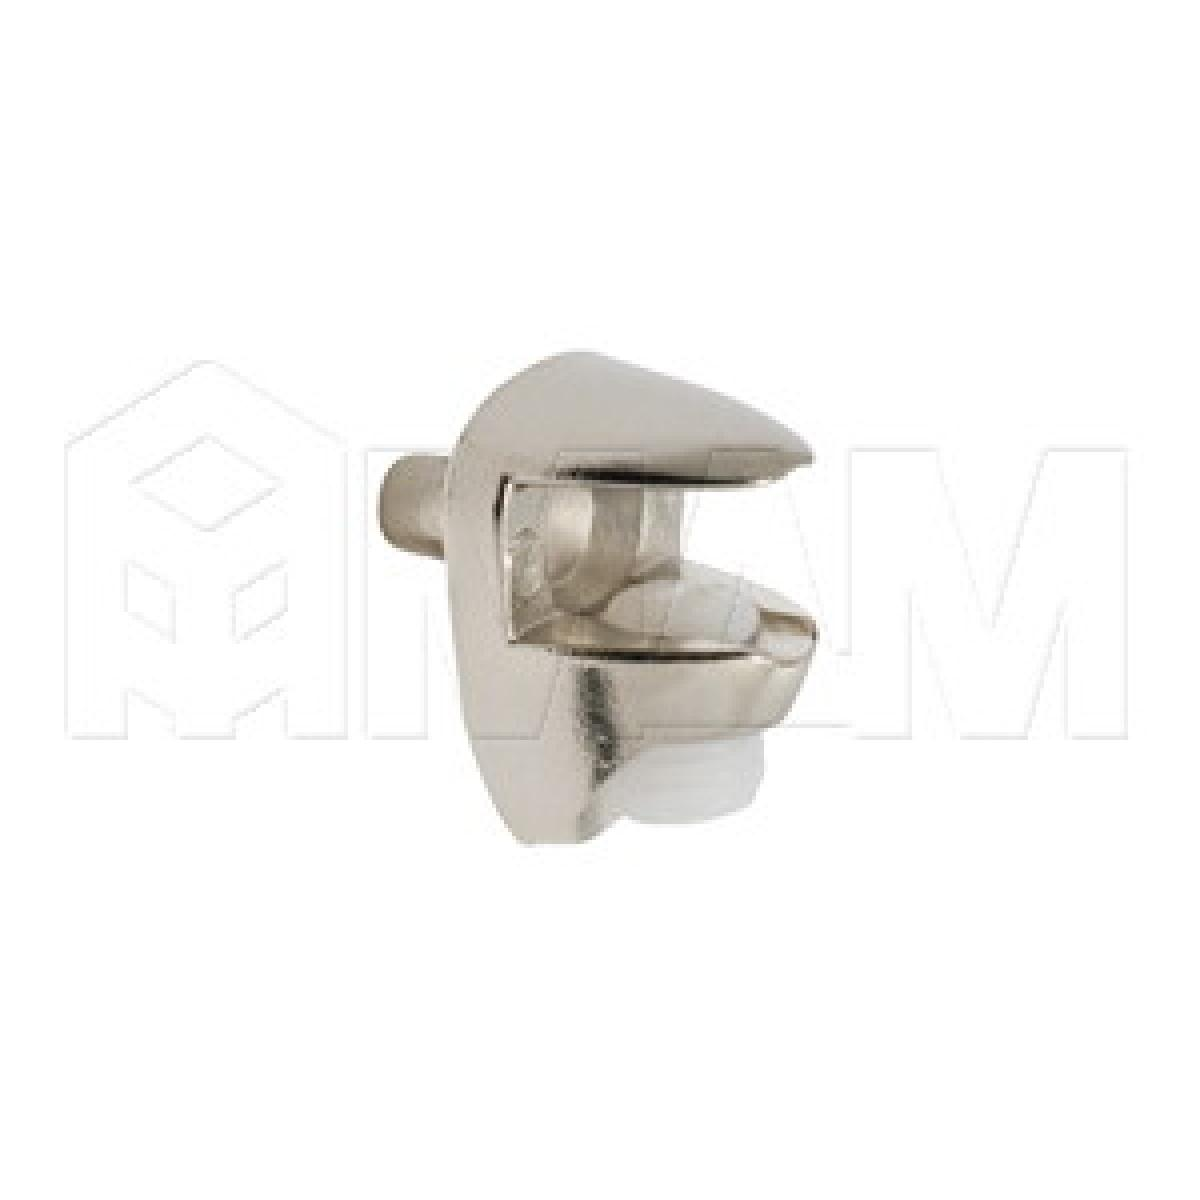 Полкодержатель для стеклянных полок толщиной 5-6 мм, со штоком, никель